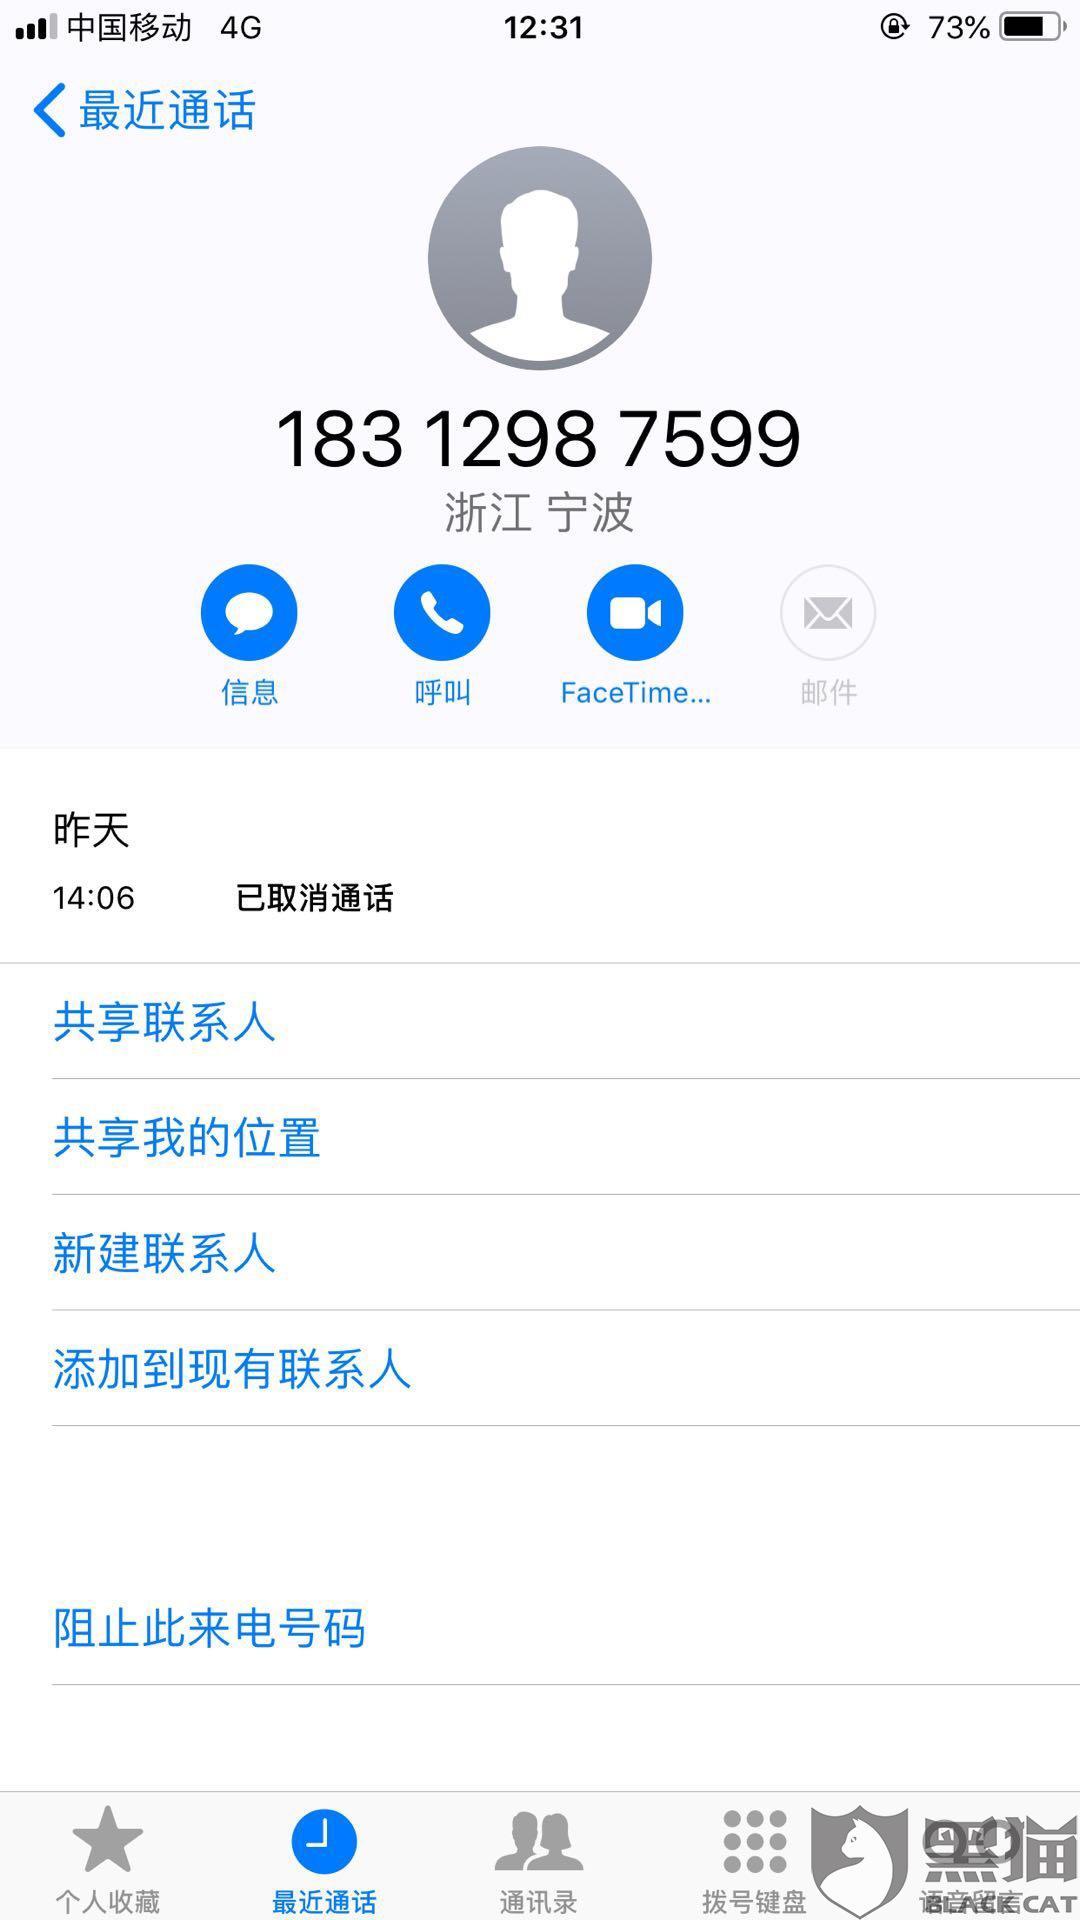 黑猫投诉:通过京东借钱在鄞州银行小闪贷,贷了一笔款,还款日3月27日。疫情期间因失去工作收